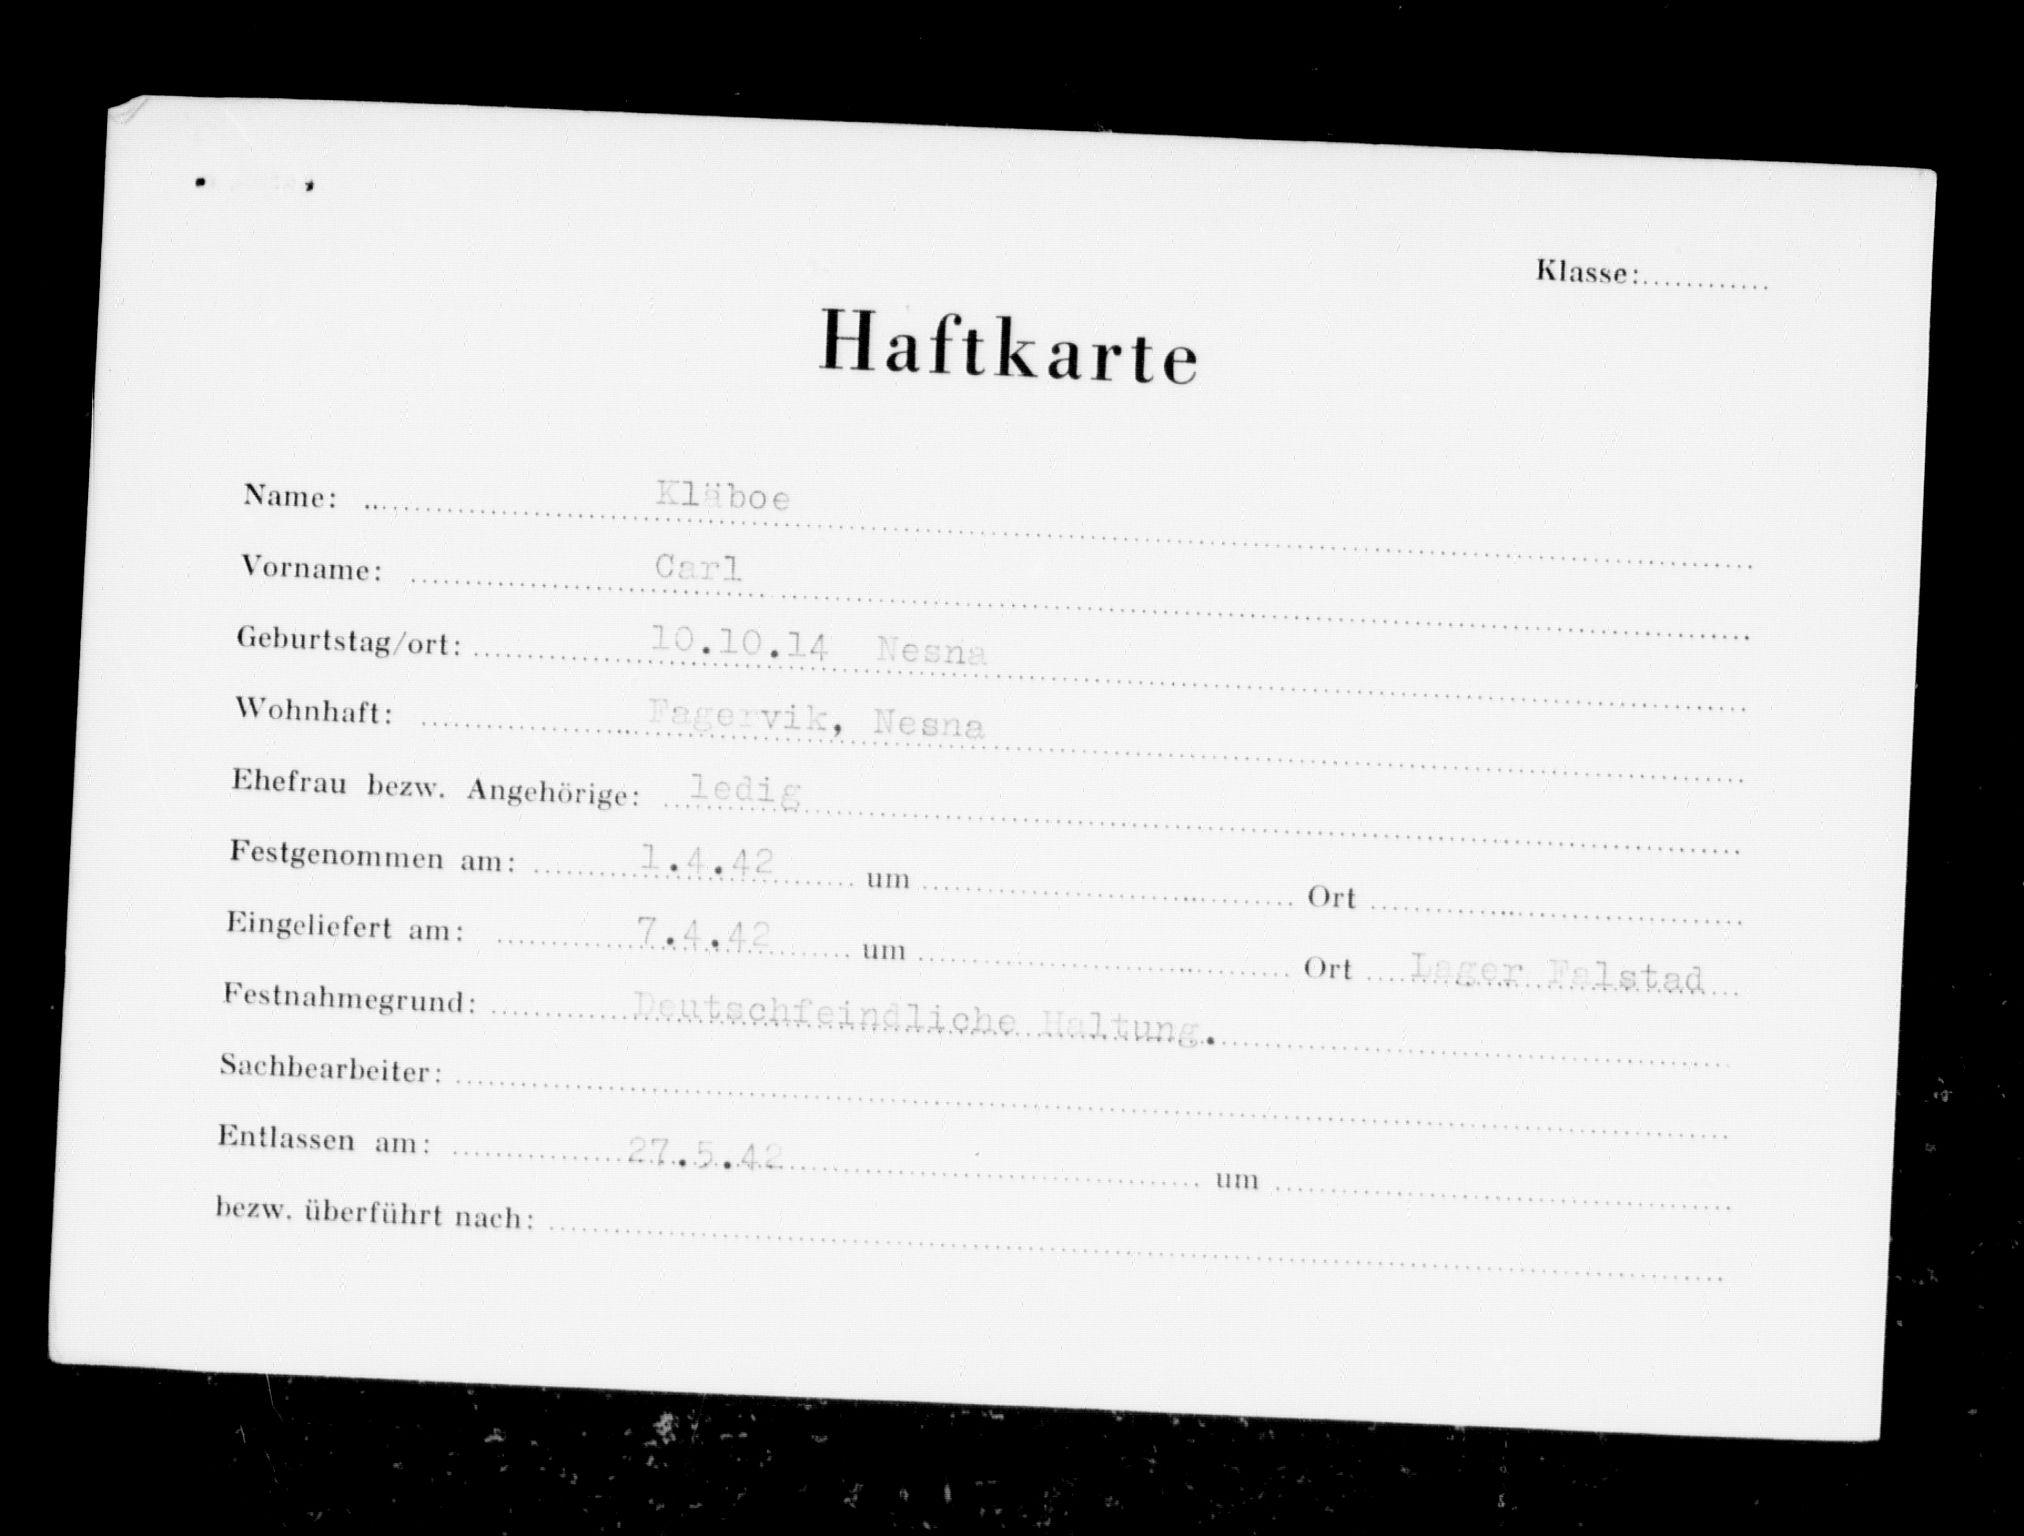 RA, Befehlshaber der Sicherheitspolizei und des SD, F/Fc/L0007: Fangeregister Falstad: Kl - Lind, 1941-1945